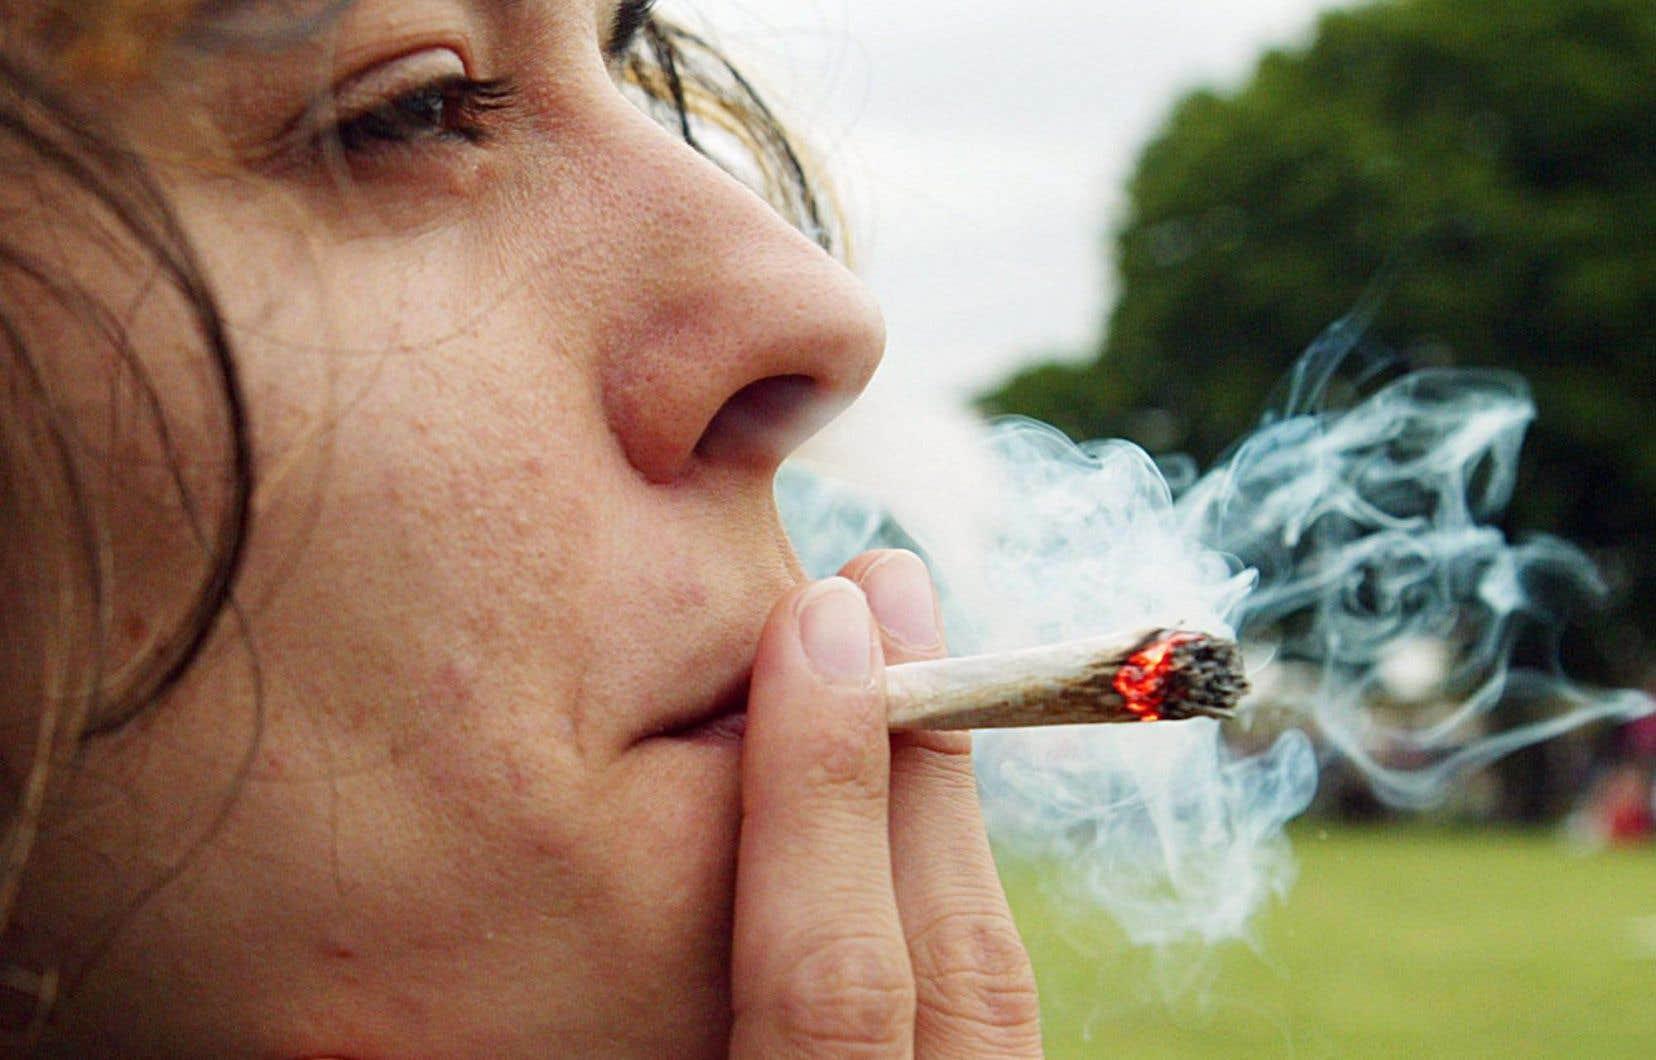 La CSDM réclame «une campagne sans précédent» pour expliciter les risques associés à la consommation de cannabis avant l'âge de 25 ans.